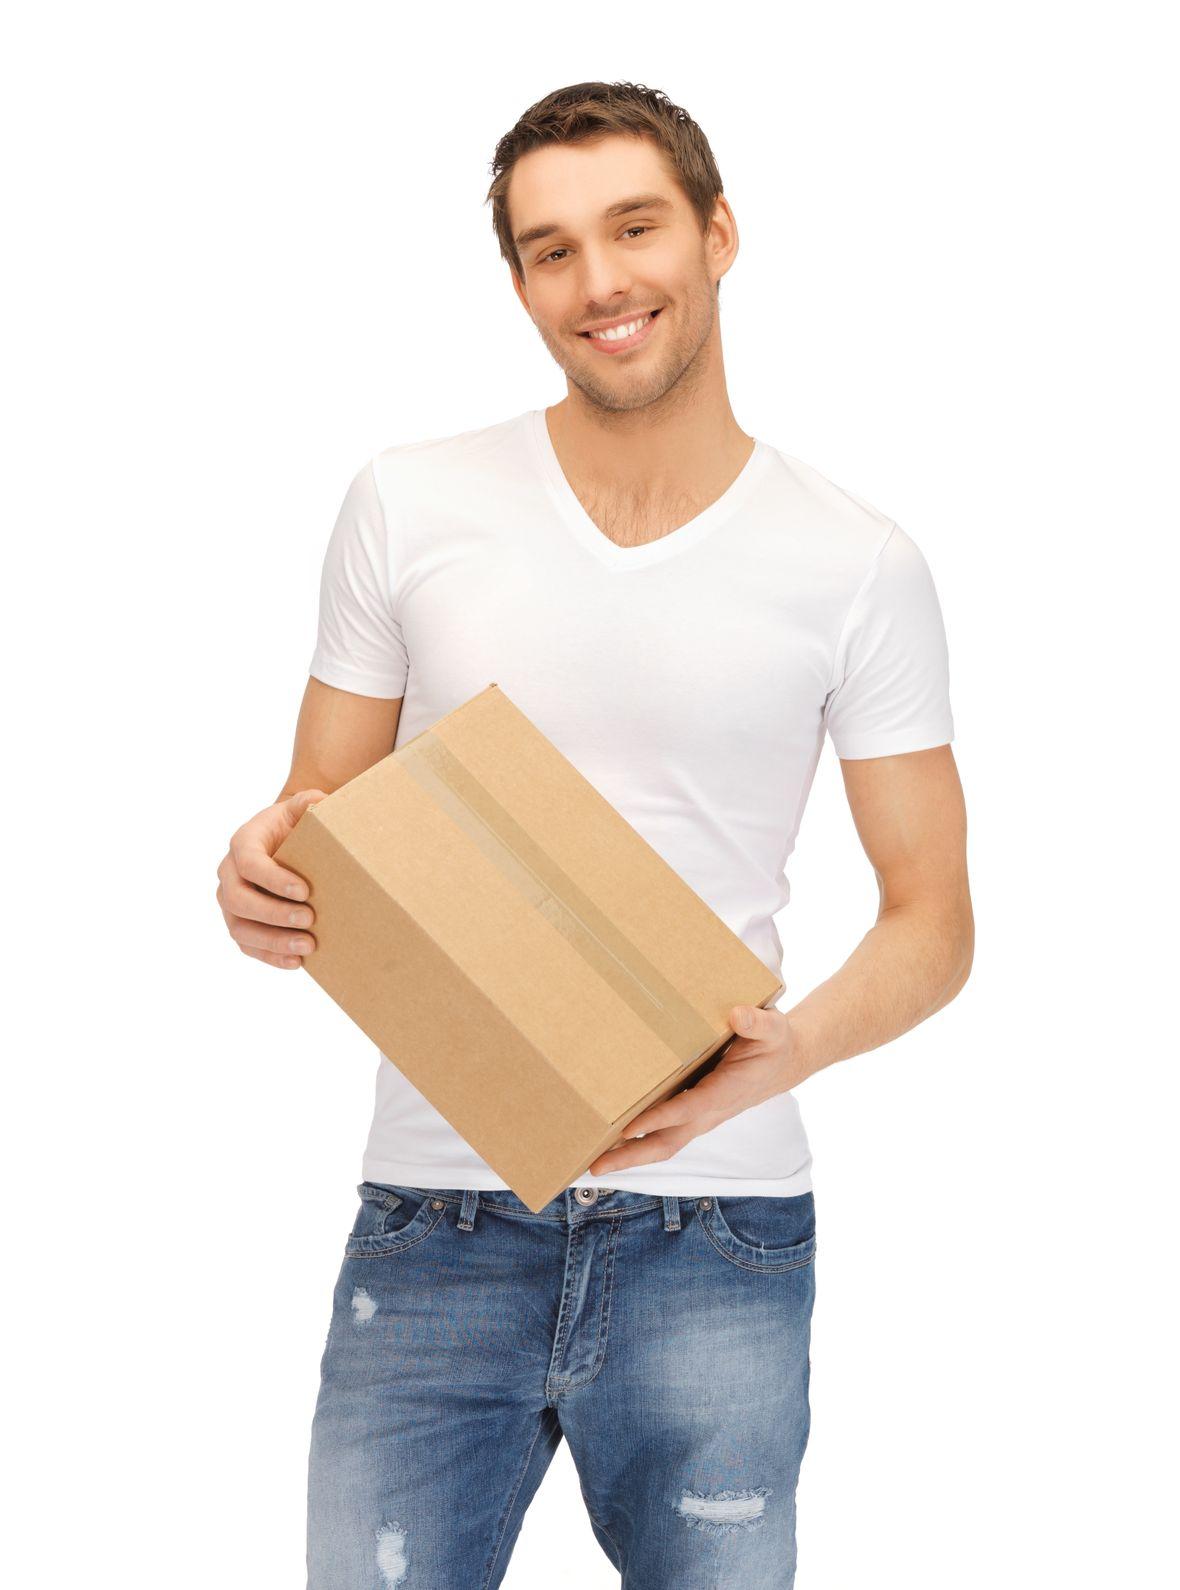 Unsere Lieferung und Lieferzeiten inklusive Versandkosten